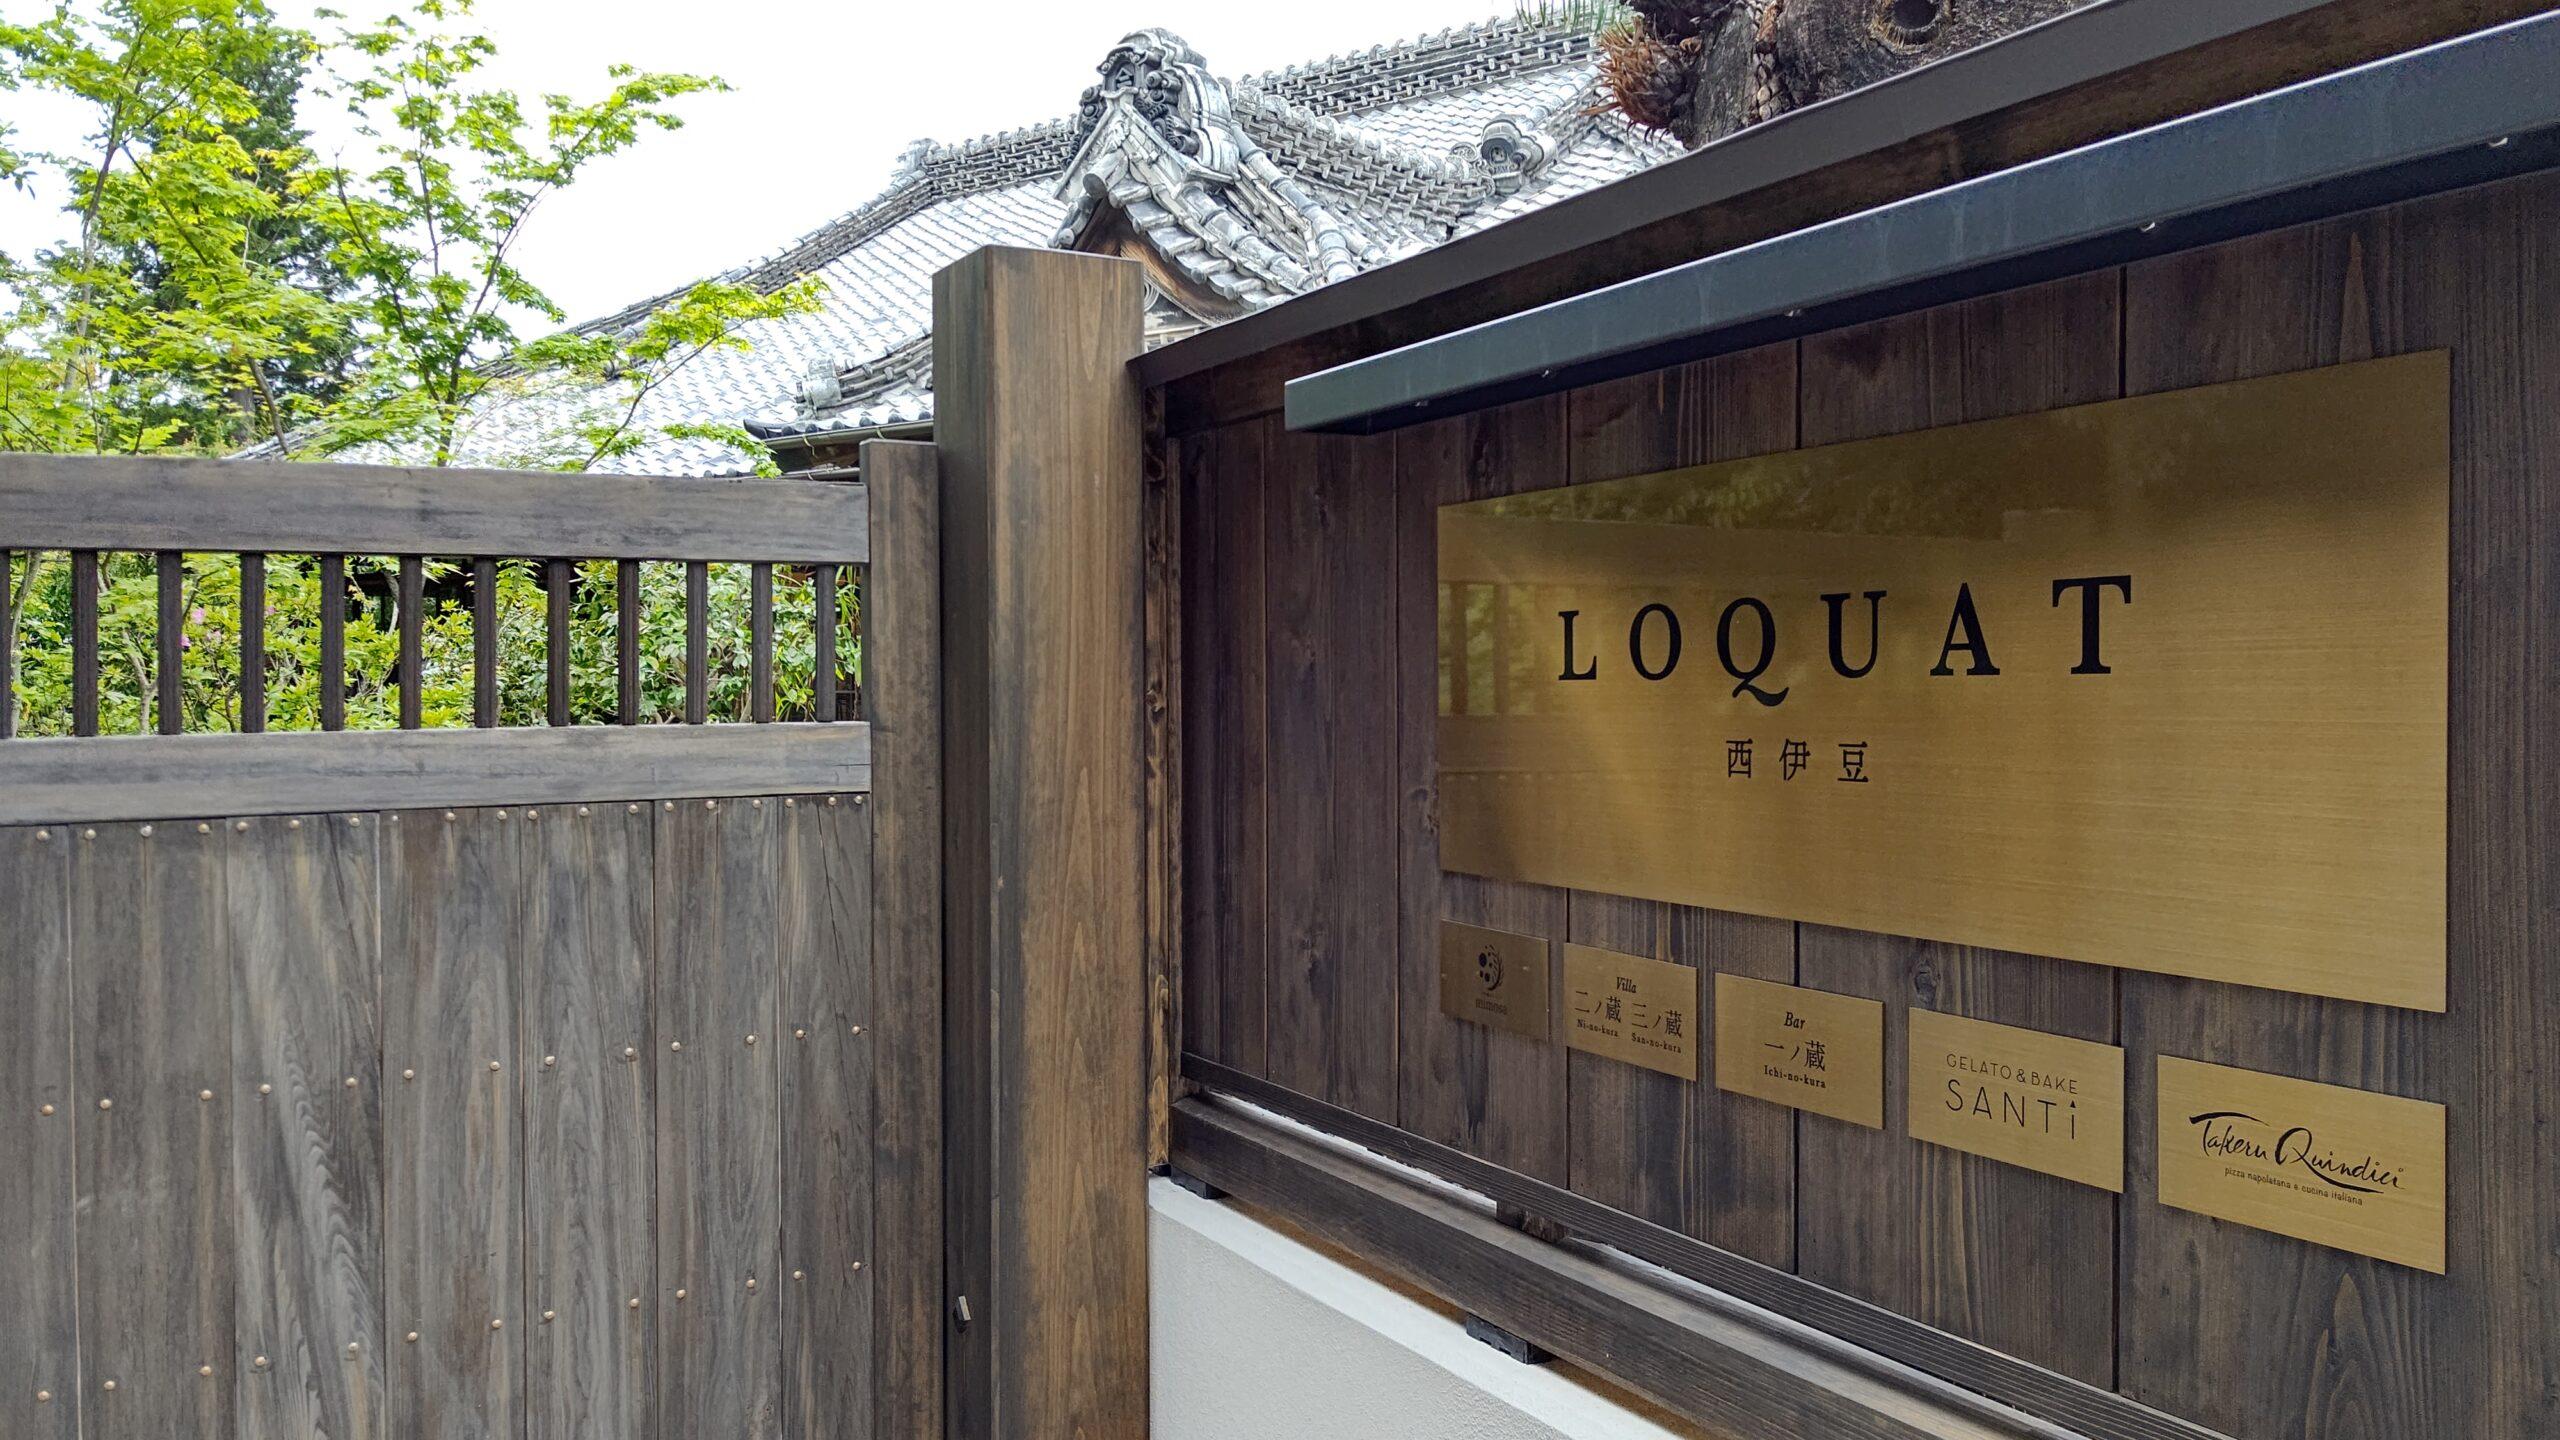 伊豆市 LOQUAT内 SANTiダヤンテールblog